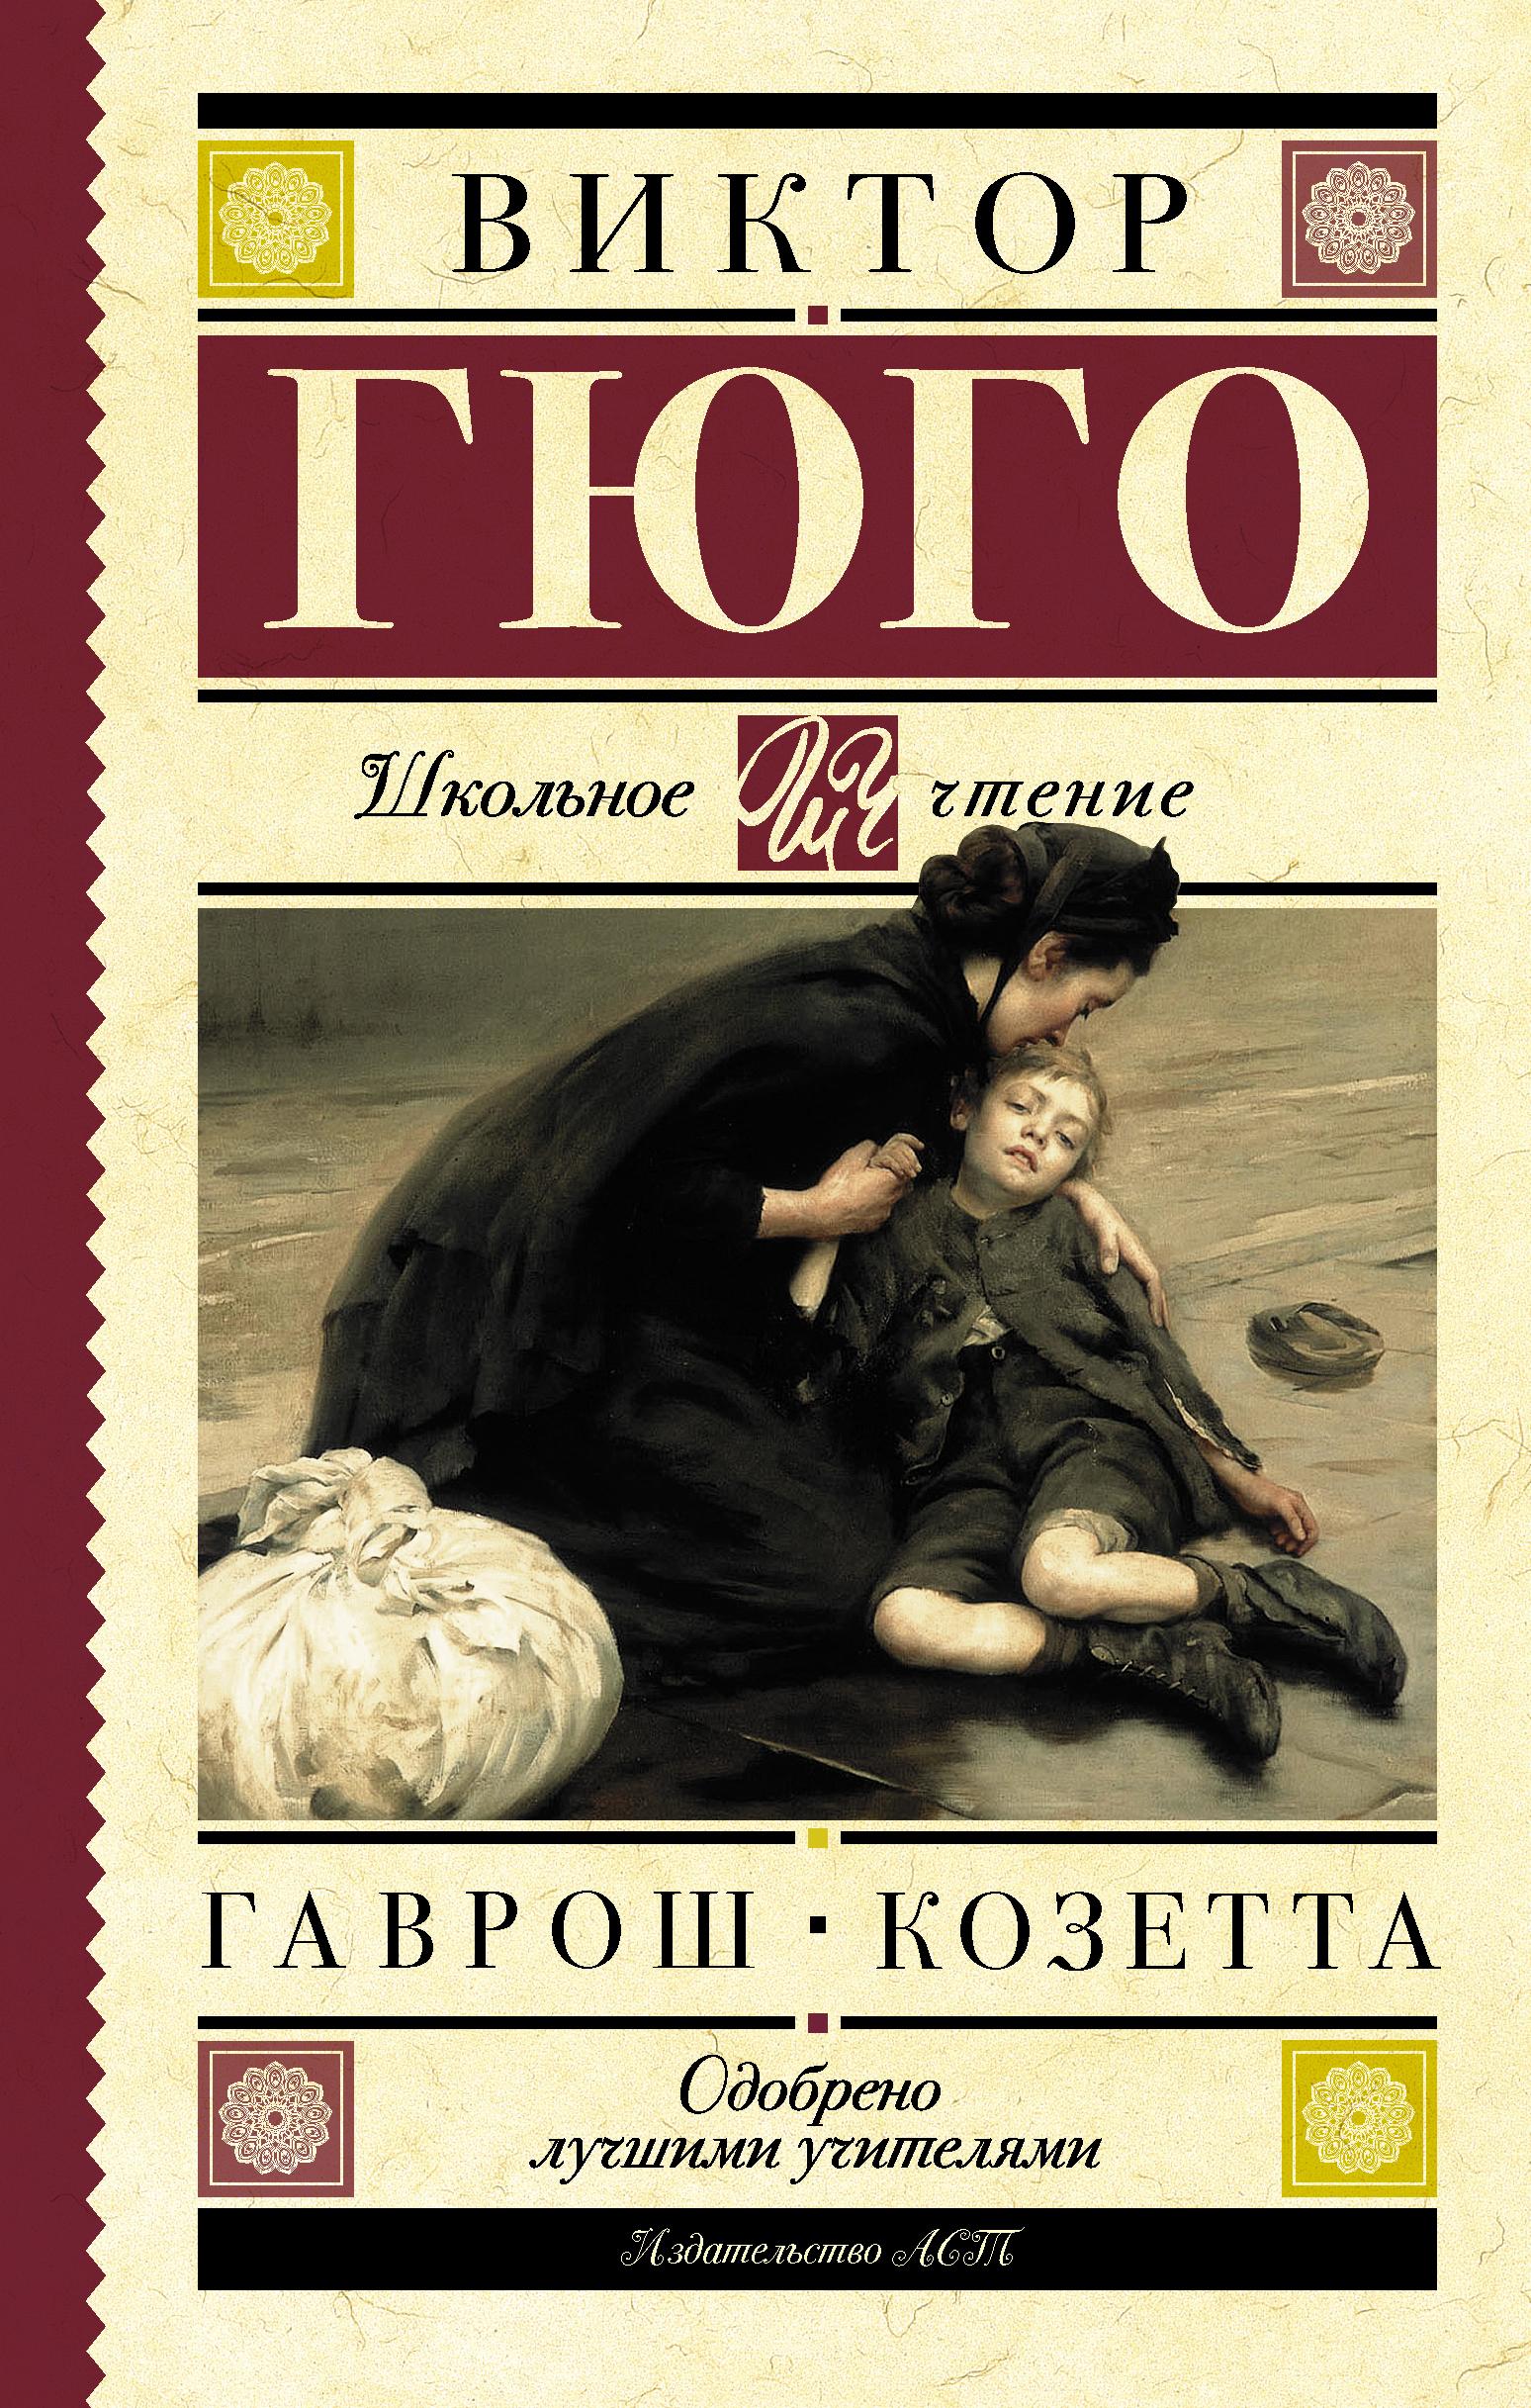 Гаврош. Козетта от book24.ru